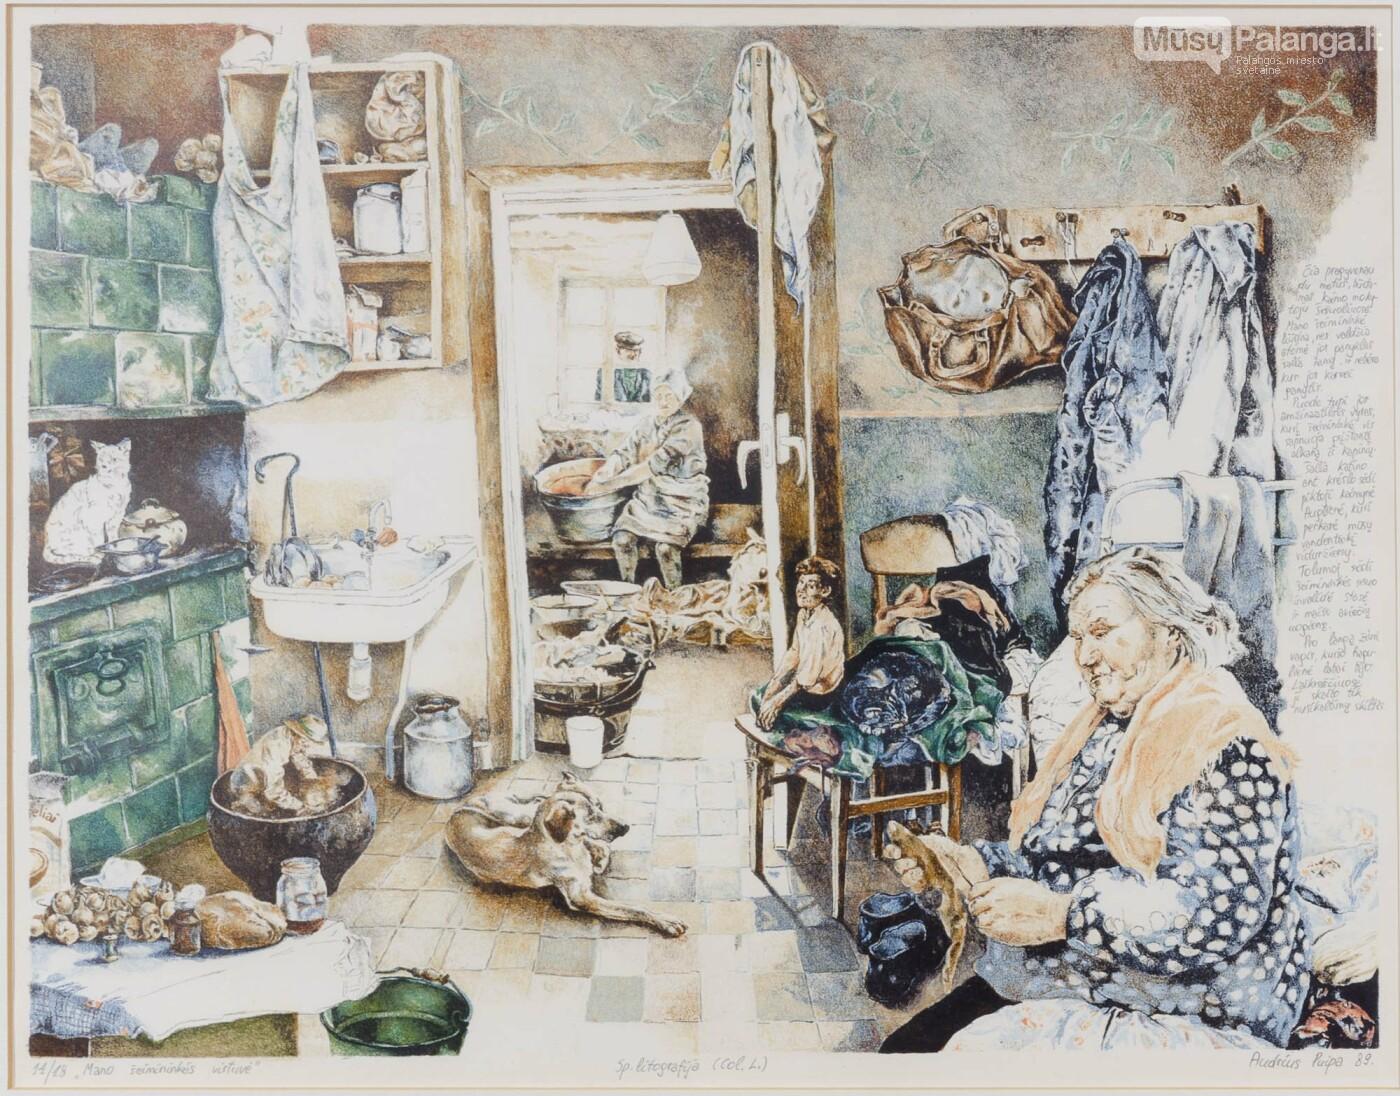 Audrius Puipa-Mano šeimininkės virtuvėlė (1989)